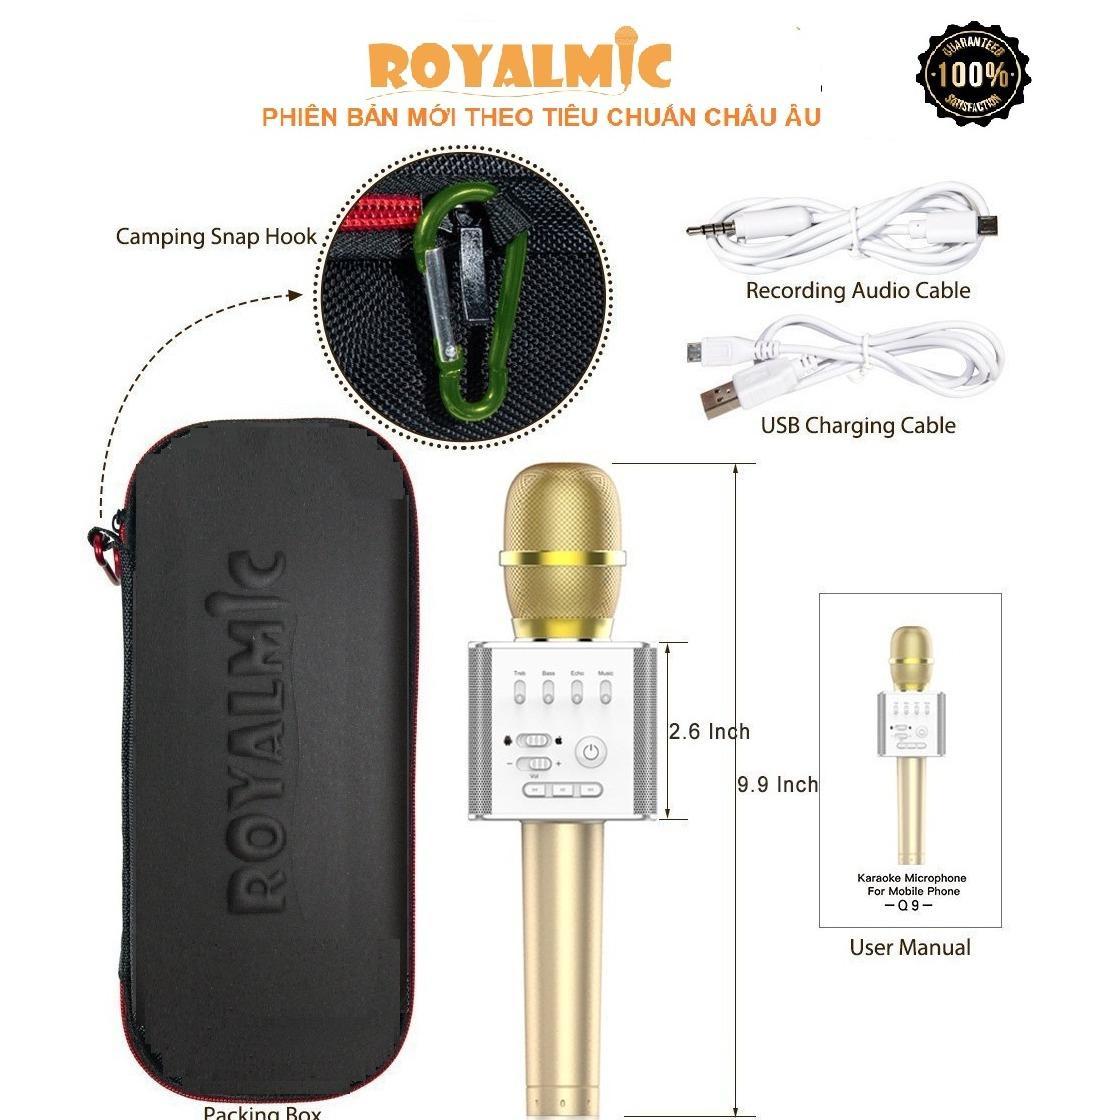 Microphone Karaoke Q9 Hang Nhập Khẩu Cung Cấp Bởi Royalmic Royalmic Chiết Khấu